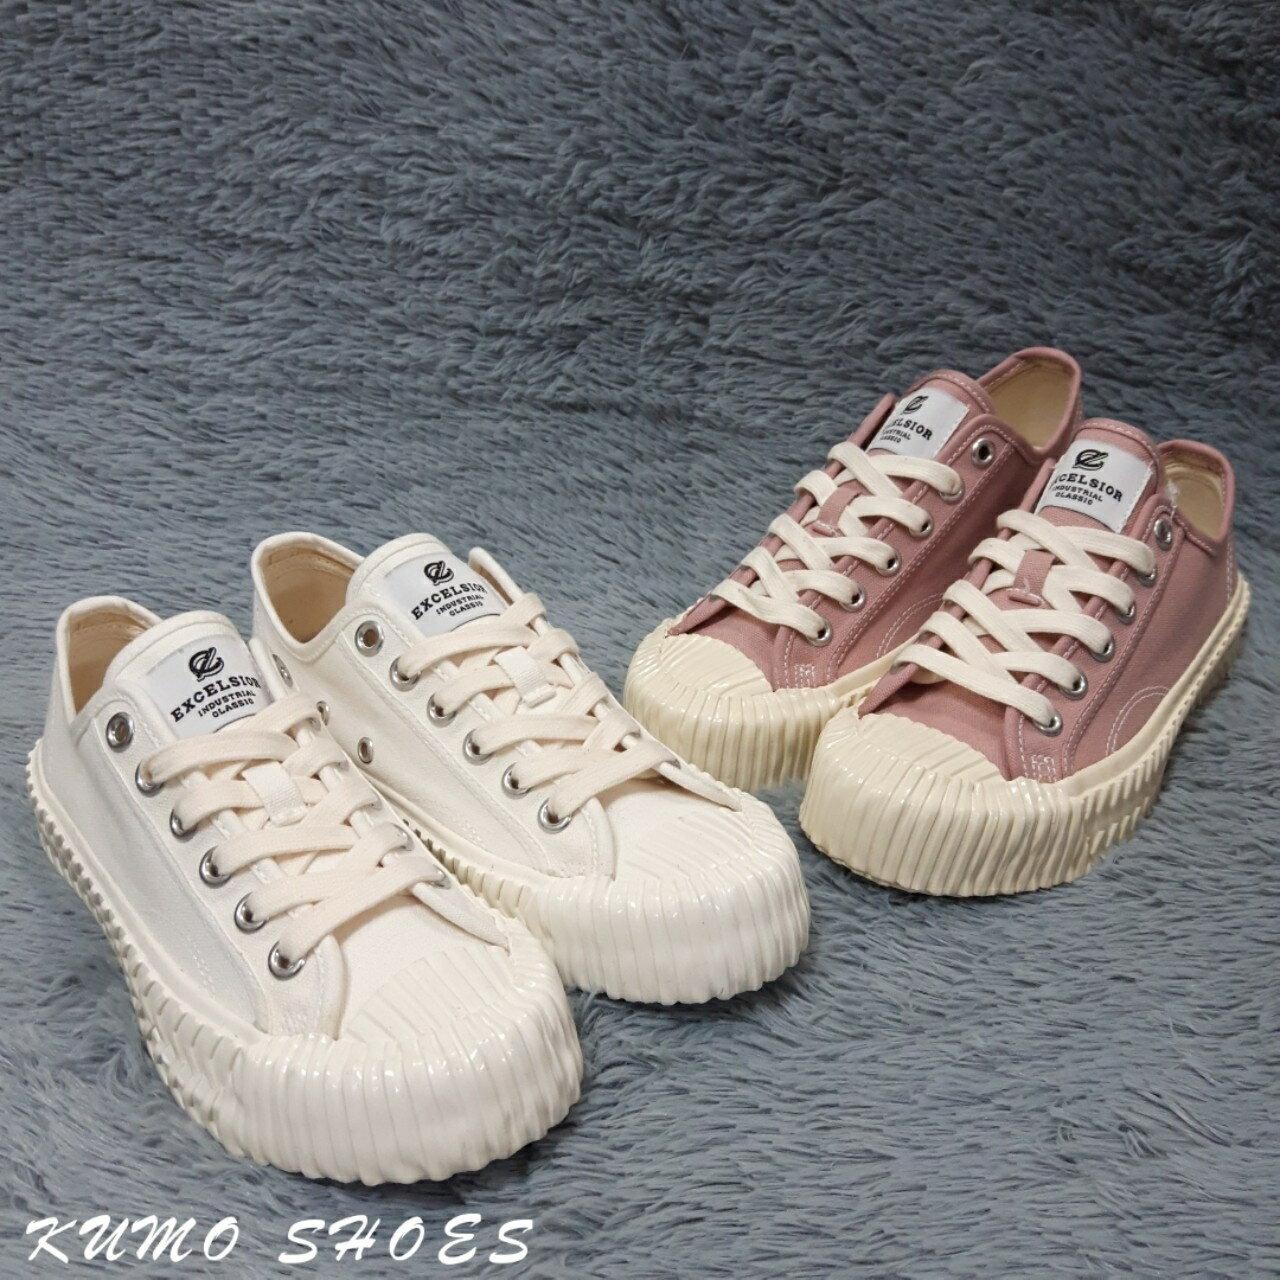 EXCELSIOR 饼干鞋 全白 粉紫色 白厚底帆布鞋 女鞋 韩国限定